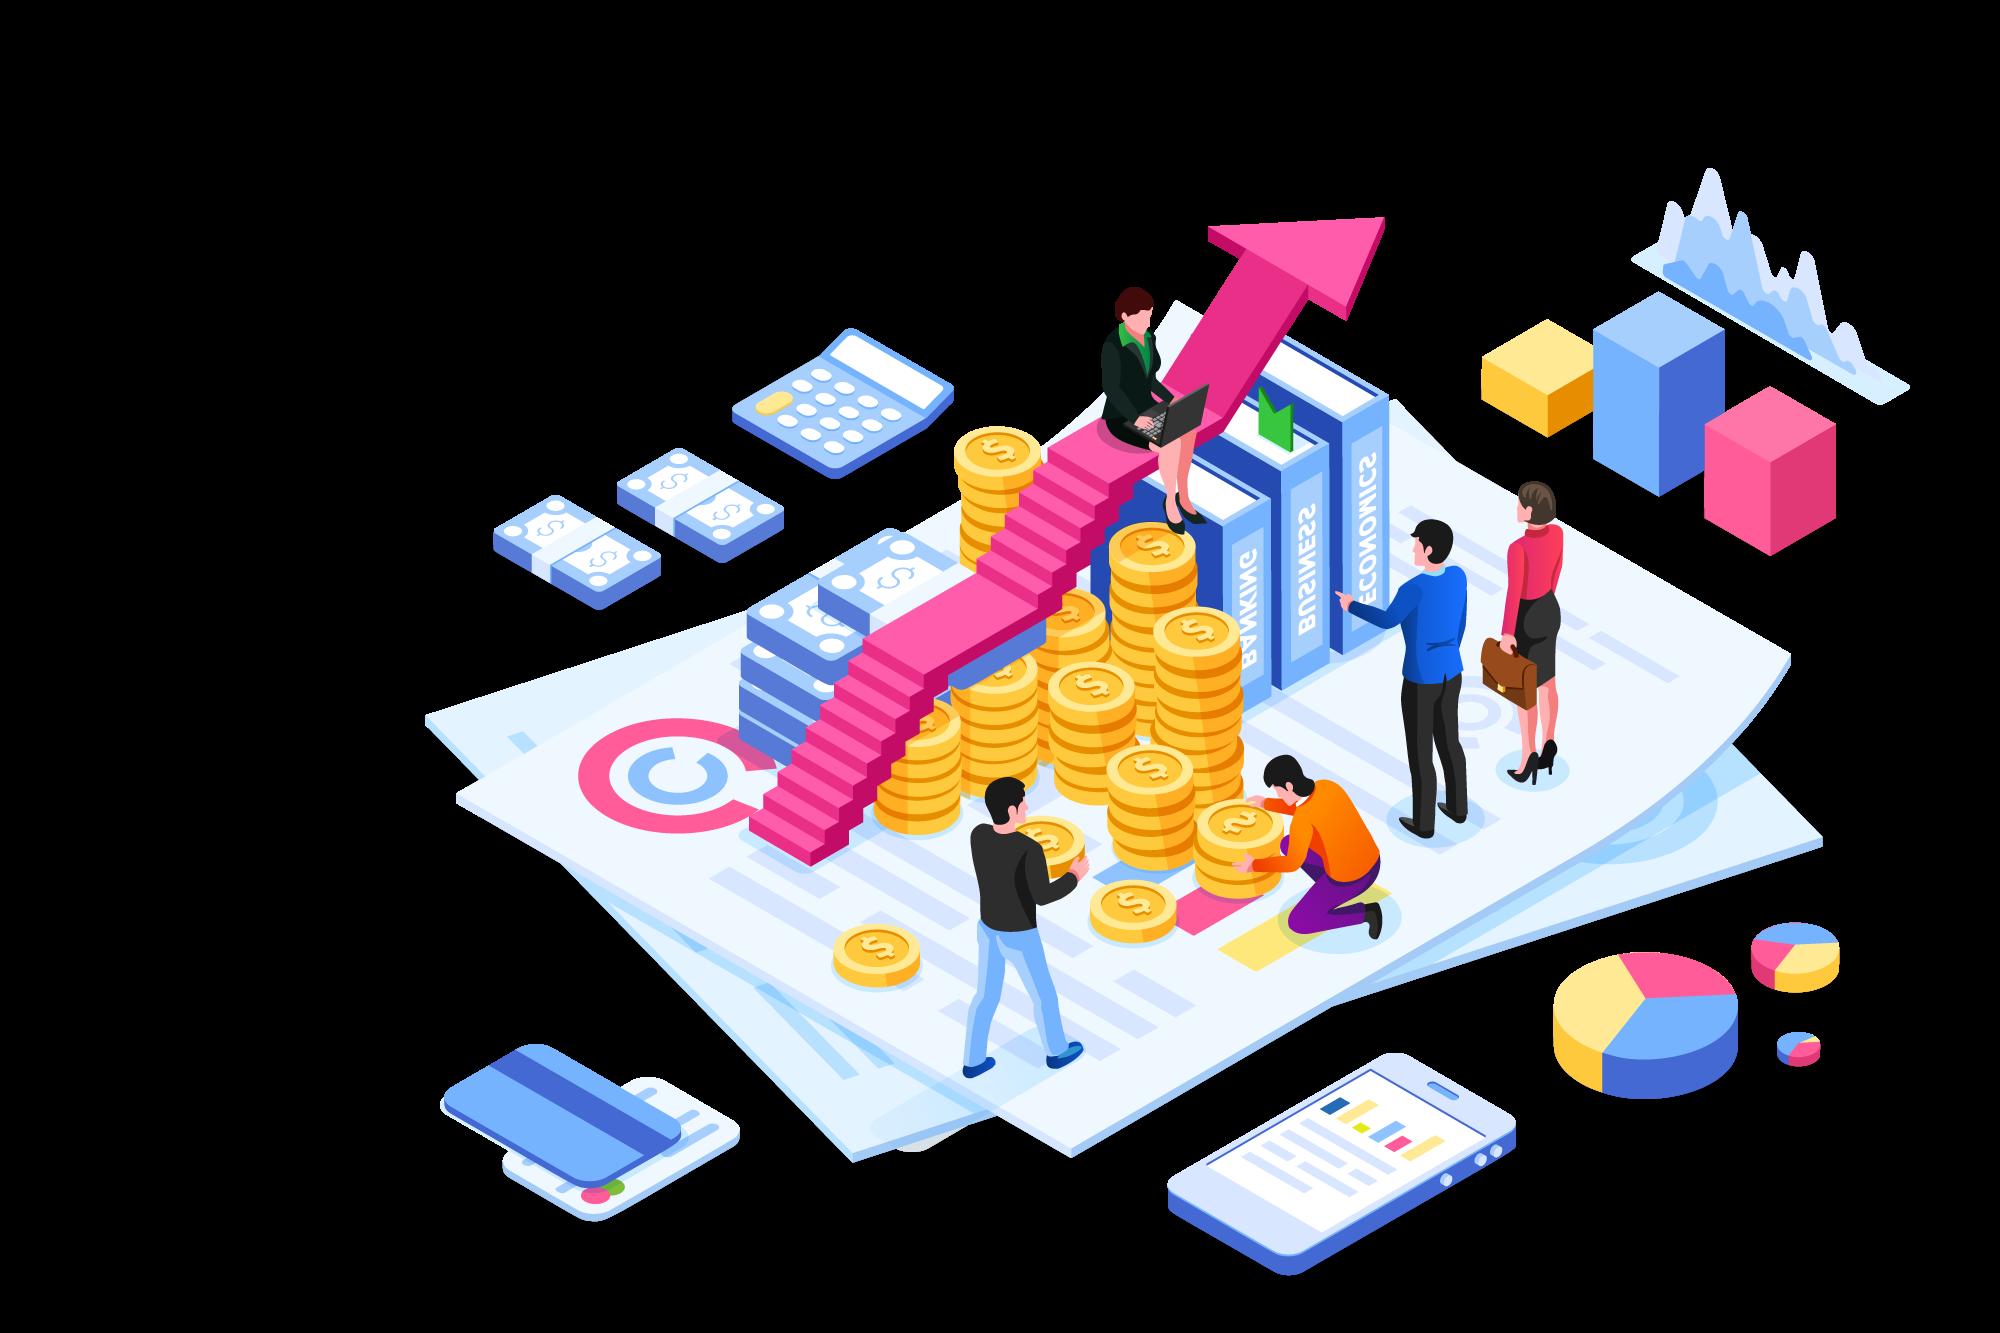 Guia Gestão Financeira empresarial completa | Qual a importância da gestão financeira para as empresas?